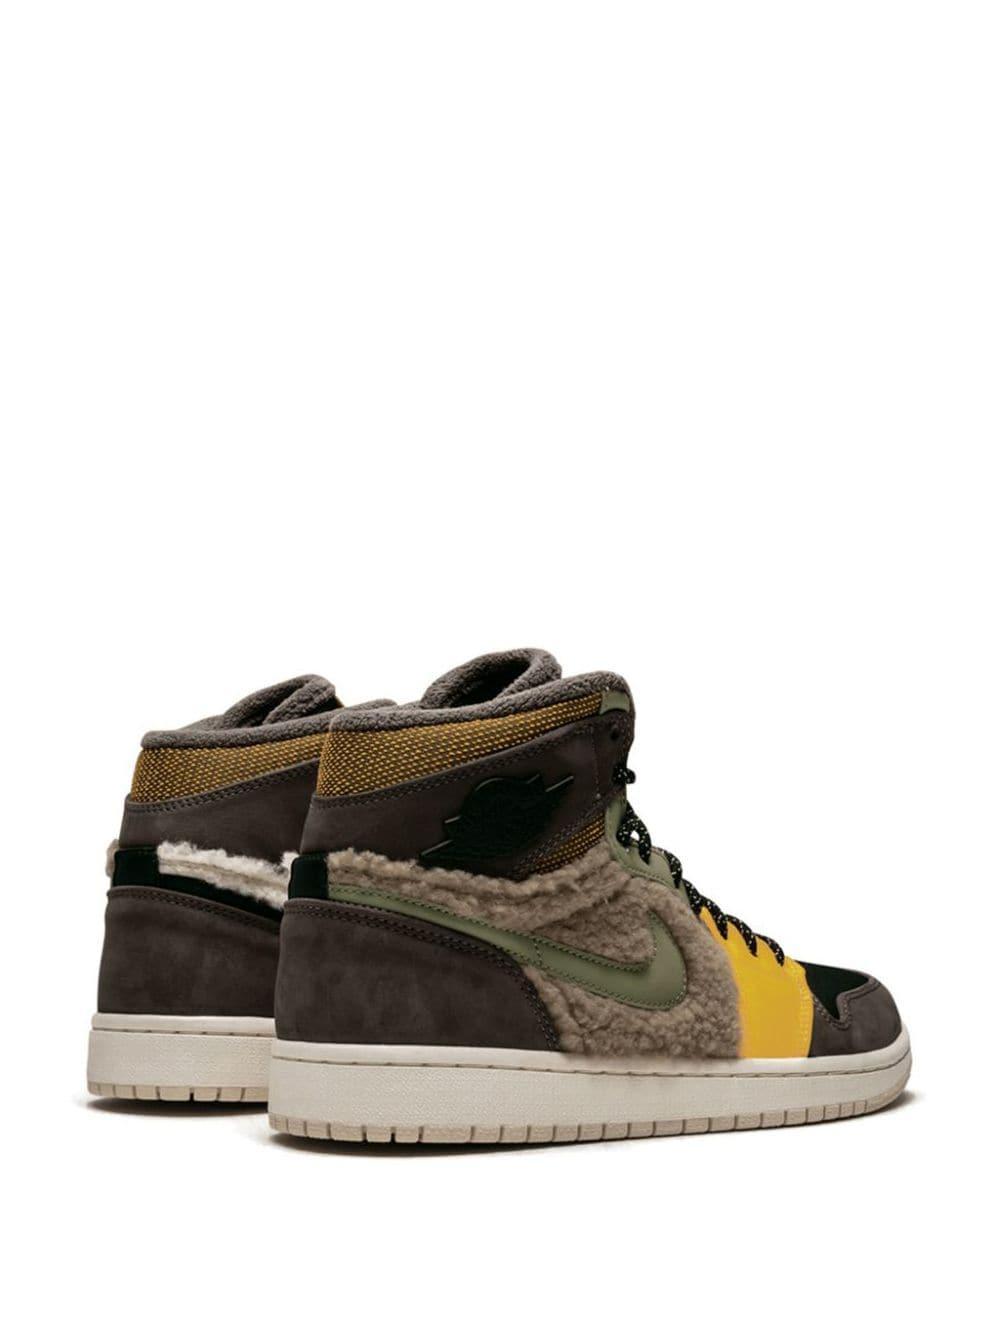 Zapatillas W Air 1 RTR HI PREM UT Nike de Tejido sintético de color Marrón